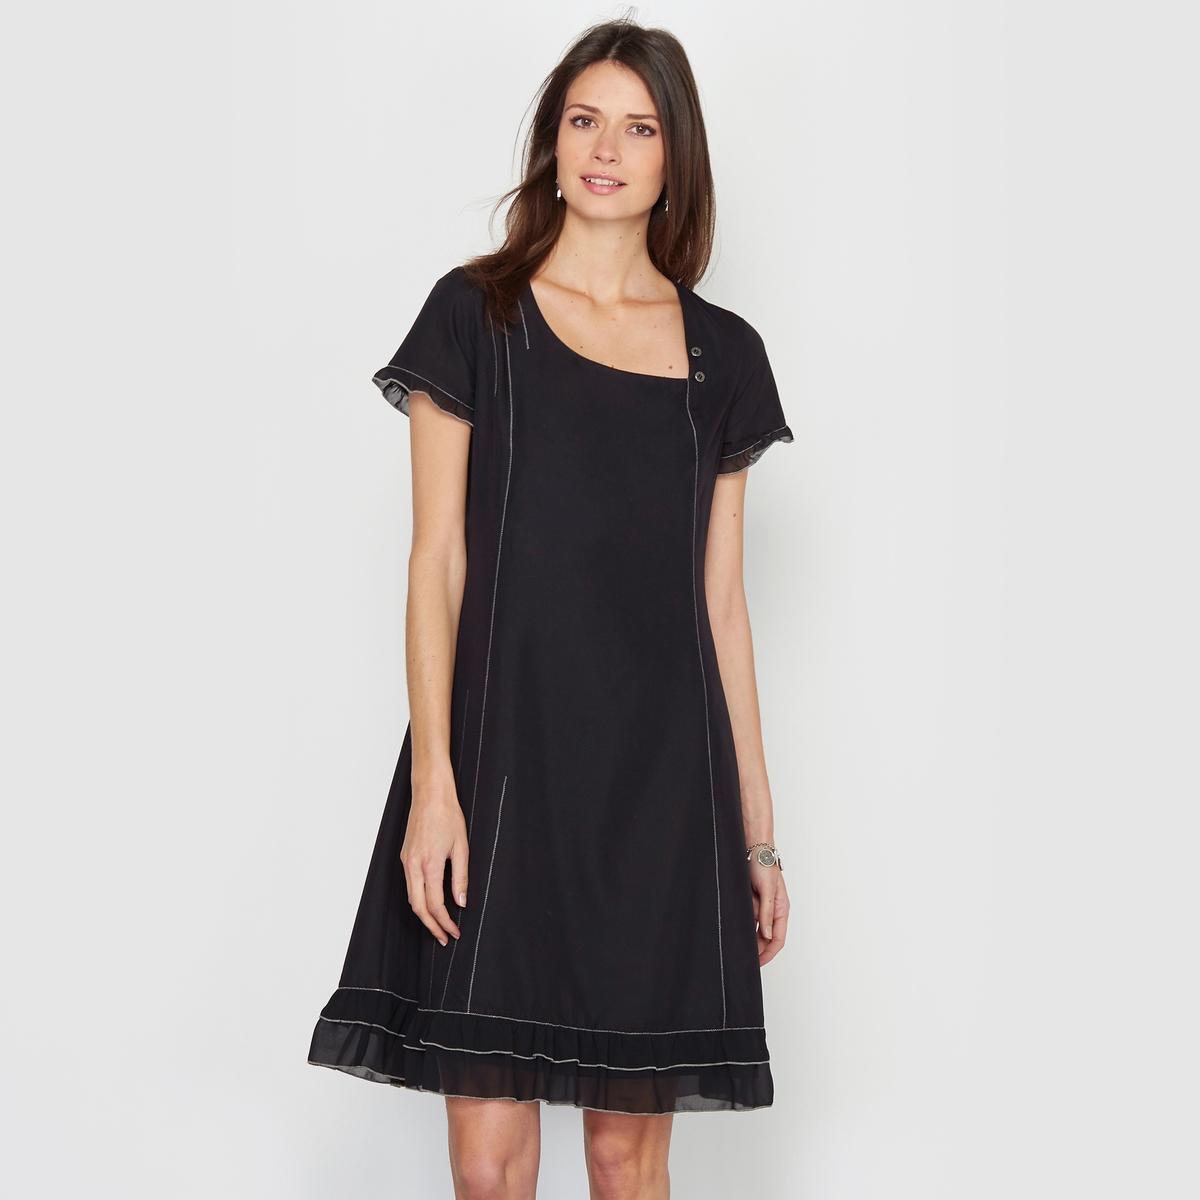 Платье из сверхмягкой микрофибрыЖенственное платье, декорированное воланами по низу и по краю коротких рукавов. Квадратный вырез с небольшой пуговицей. Сочетание отрезных деталей с видимой строчкой спереди и сзади. Застежка на молнию сзади.Состав и описание:Материал: невероятно мягкая на ощупь микрофибра, 75% вискозы, 25% полиэстера.Подкладка: 100% полиэстера.Длина: 95 см.Марка: Anne WeyburnУход:Машинная стирка при 30° в умеренном режиме с изнанки.Гладить на низкой температуре с изнанки.<br><br>Цвет: черный<br>Размер: 38 (FR) - 44 (RUS).44 (FR) - 50 (RUS)